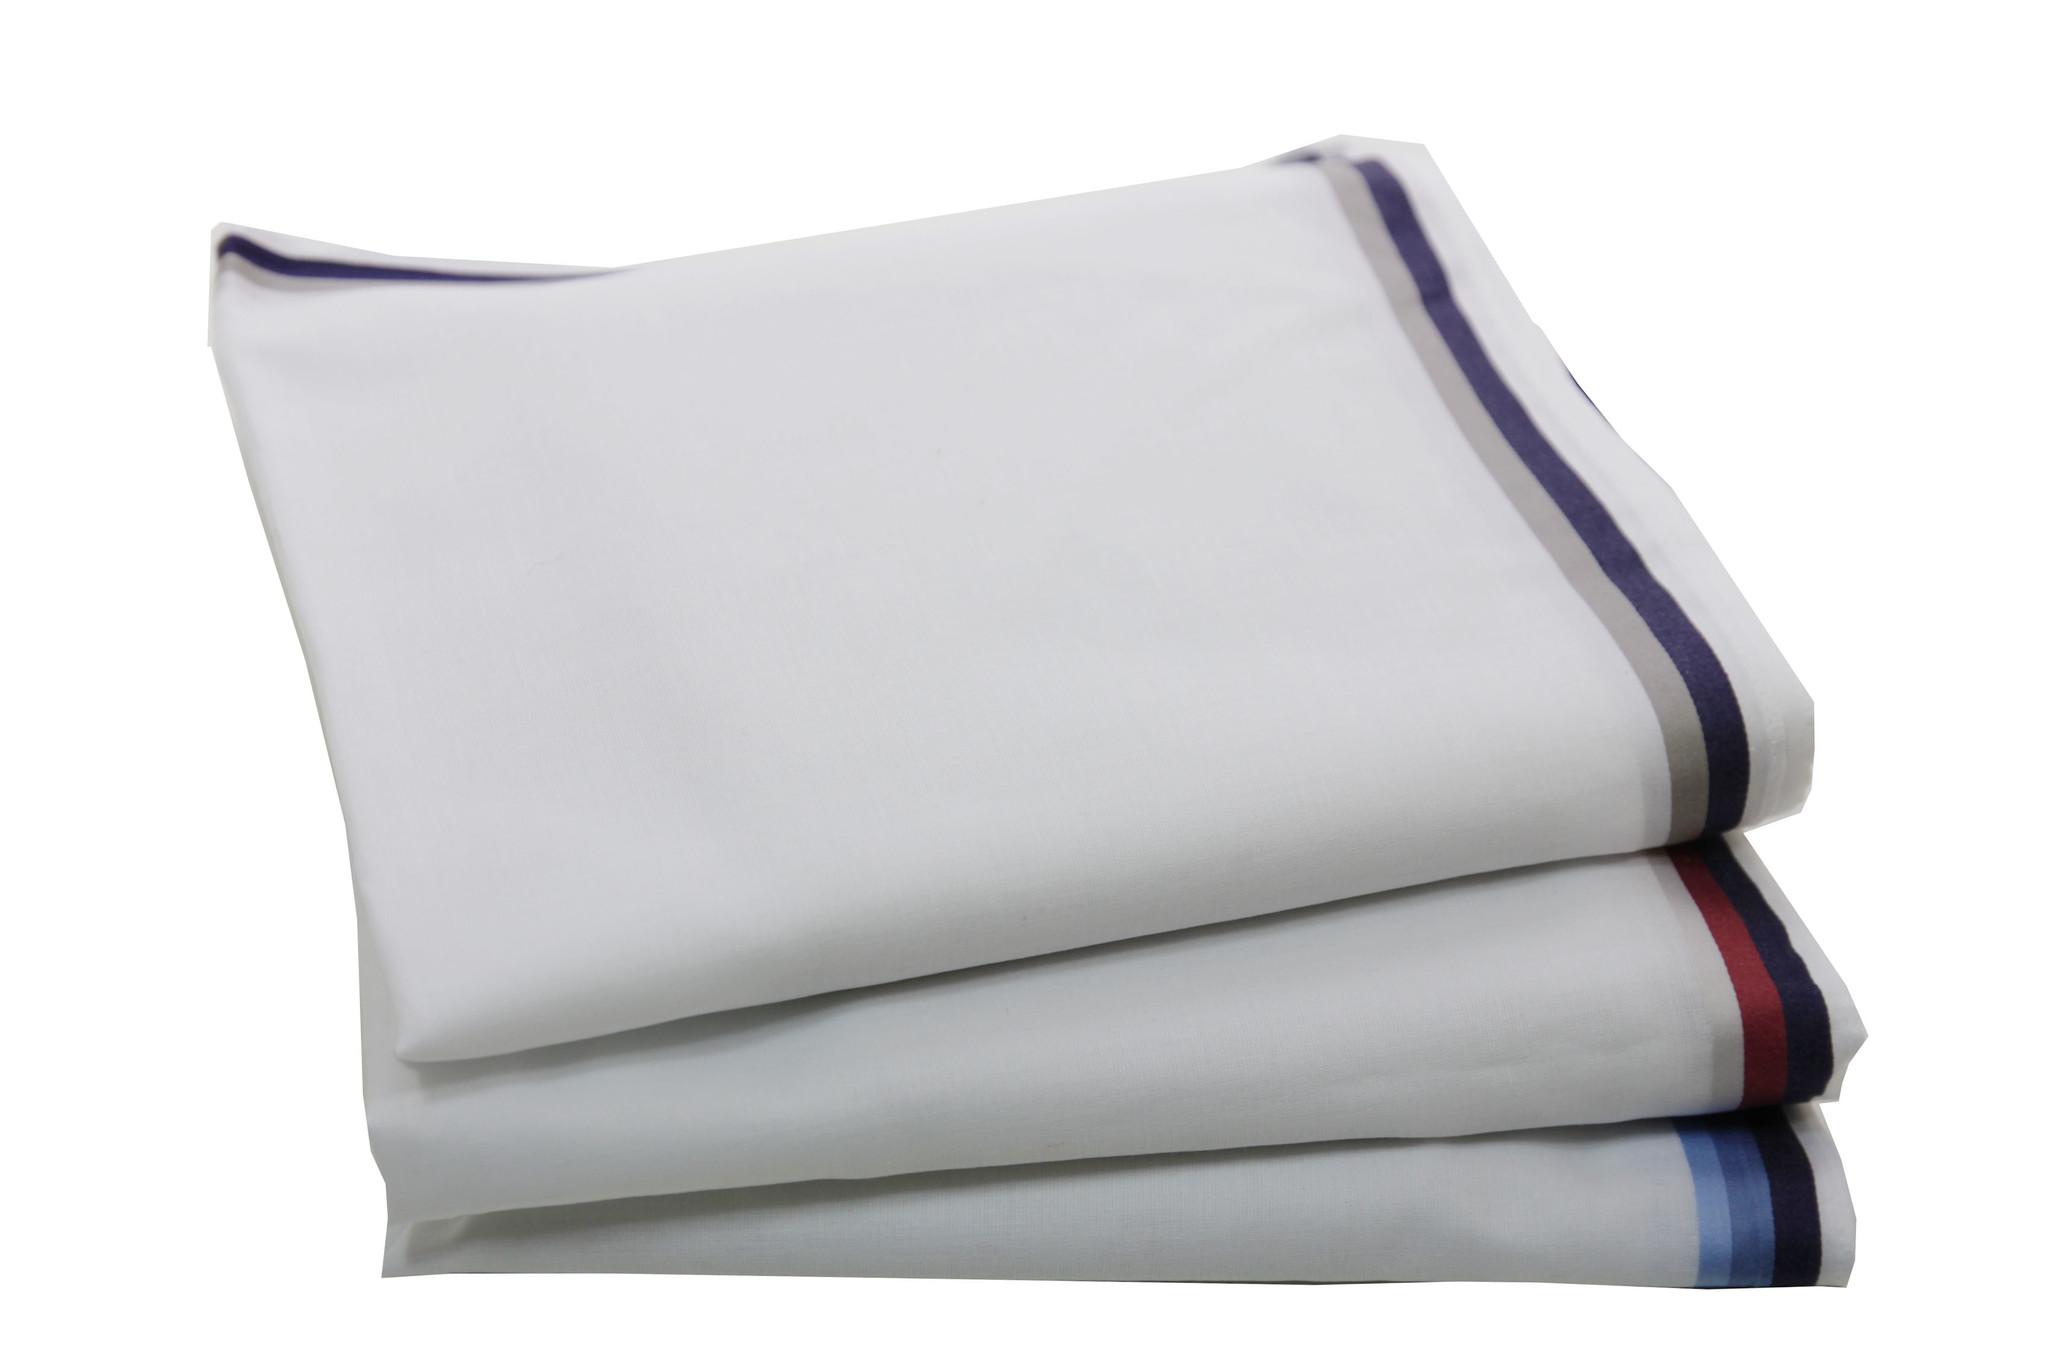 Swan Heren zakdoeken, Club Origineel, 6 stuks